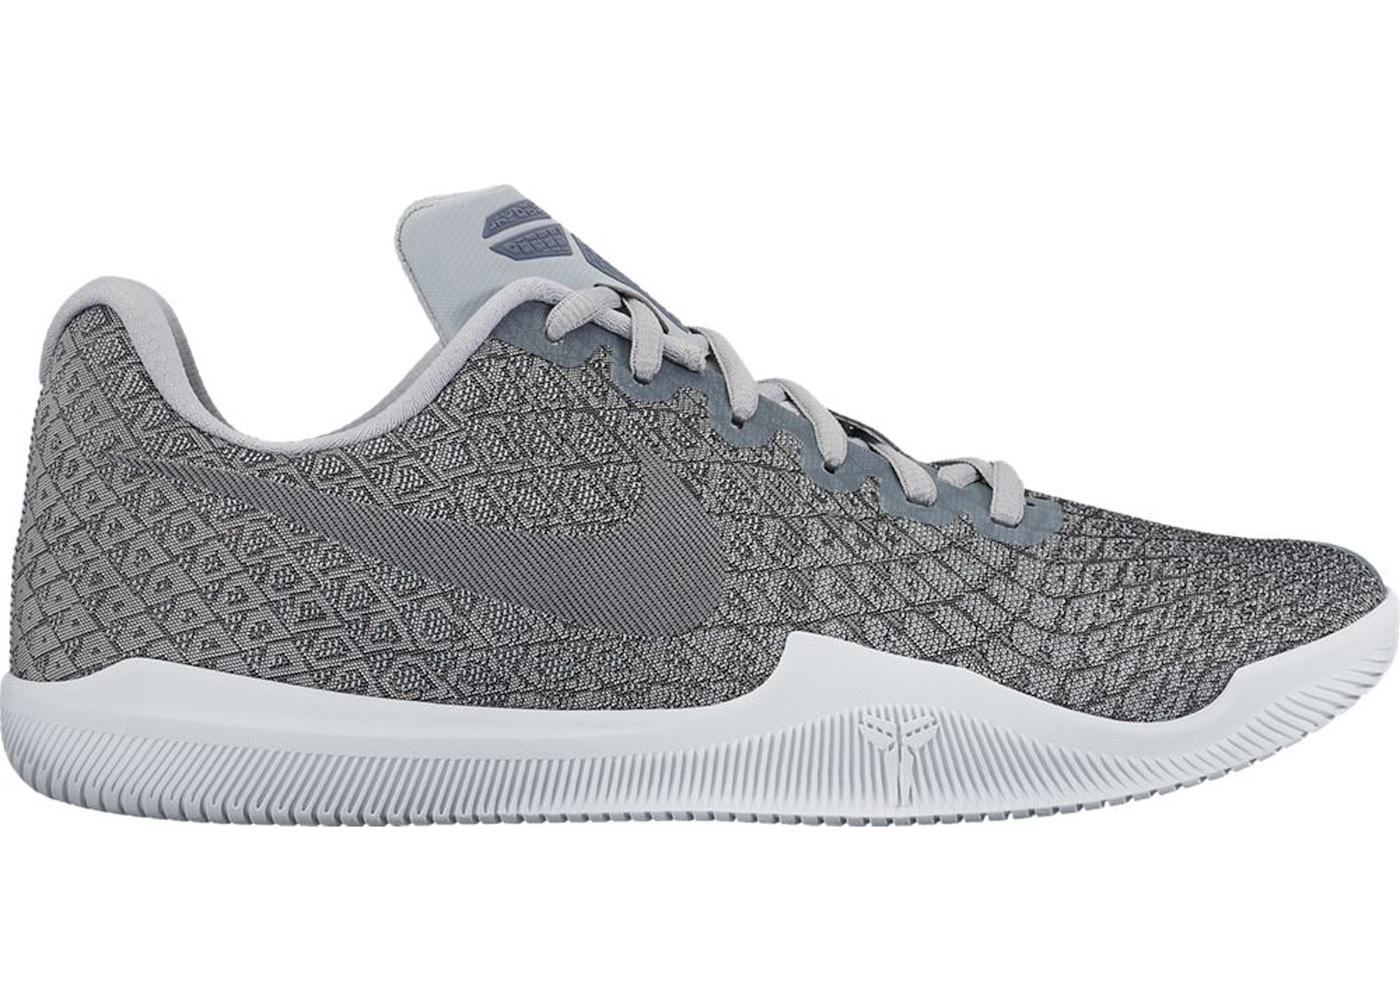 Nike Mamba Instinct Pure Platinum - 852473-002